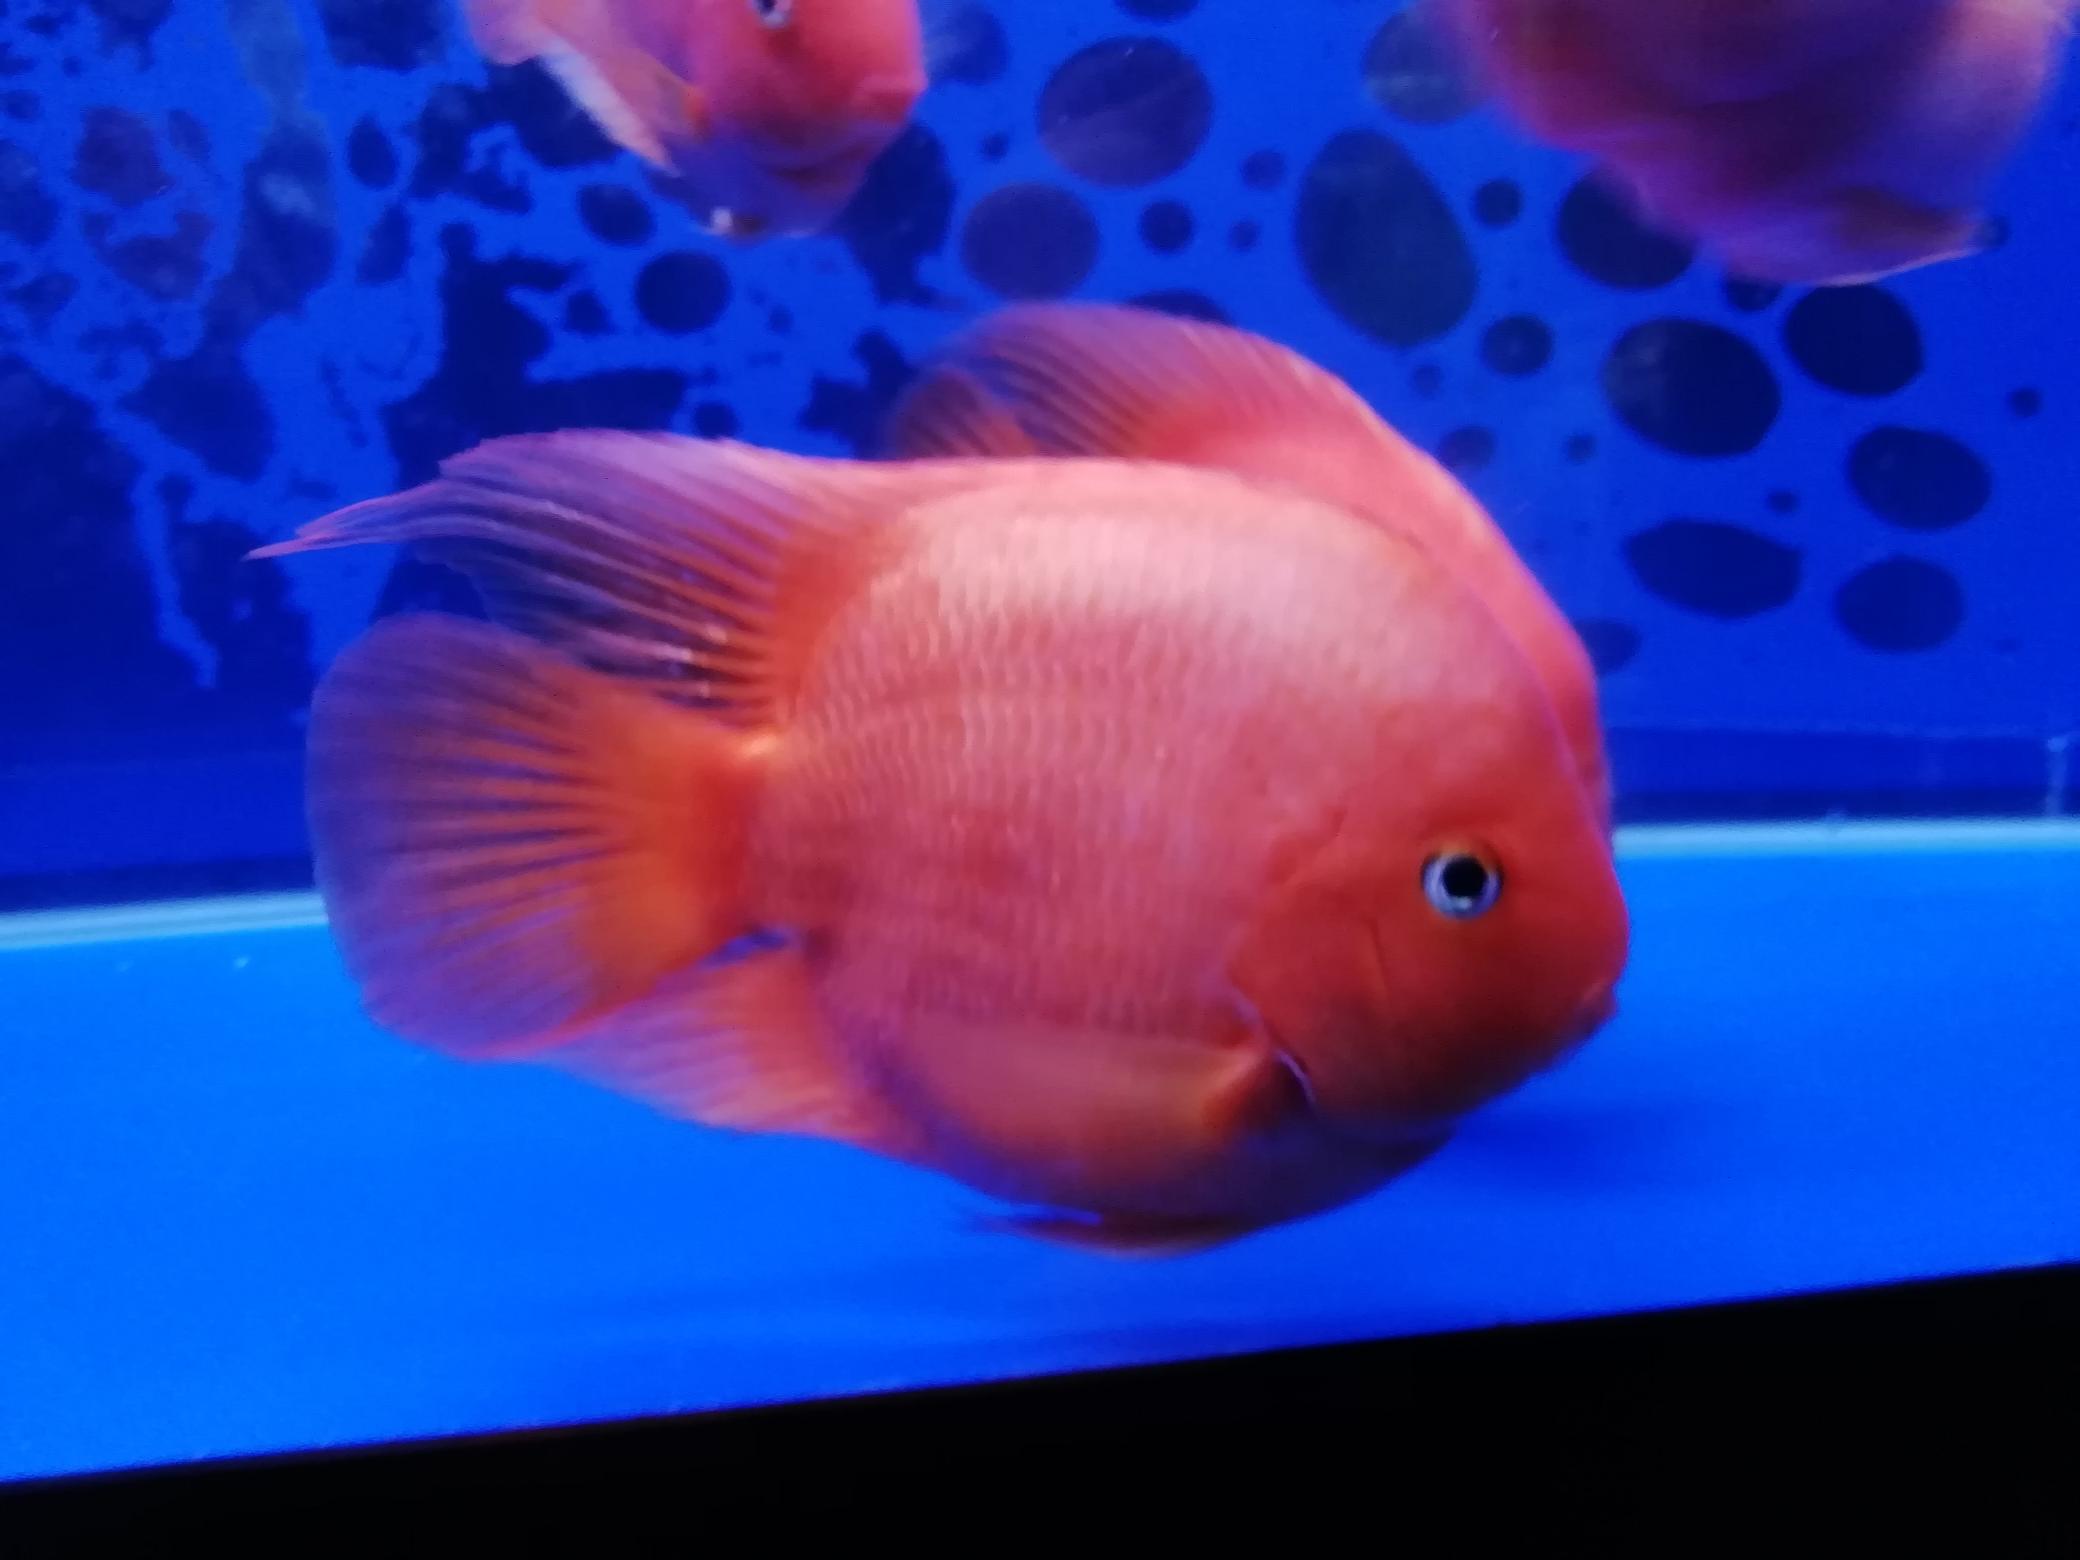 鄂州市花鸟鱼虫市场欣赏爱鱼 鄂州龙鱼论坛 鄂州龙鱼第2张